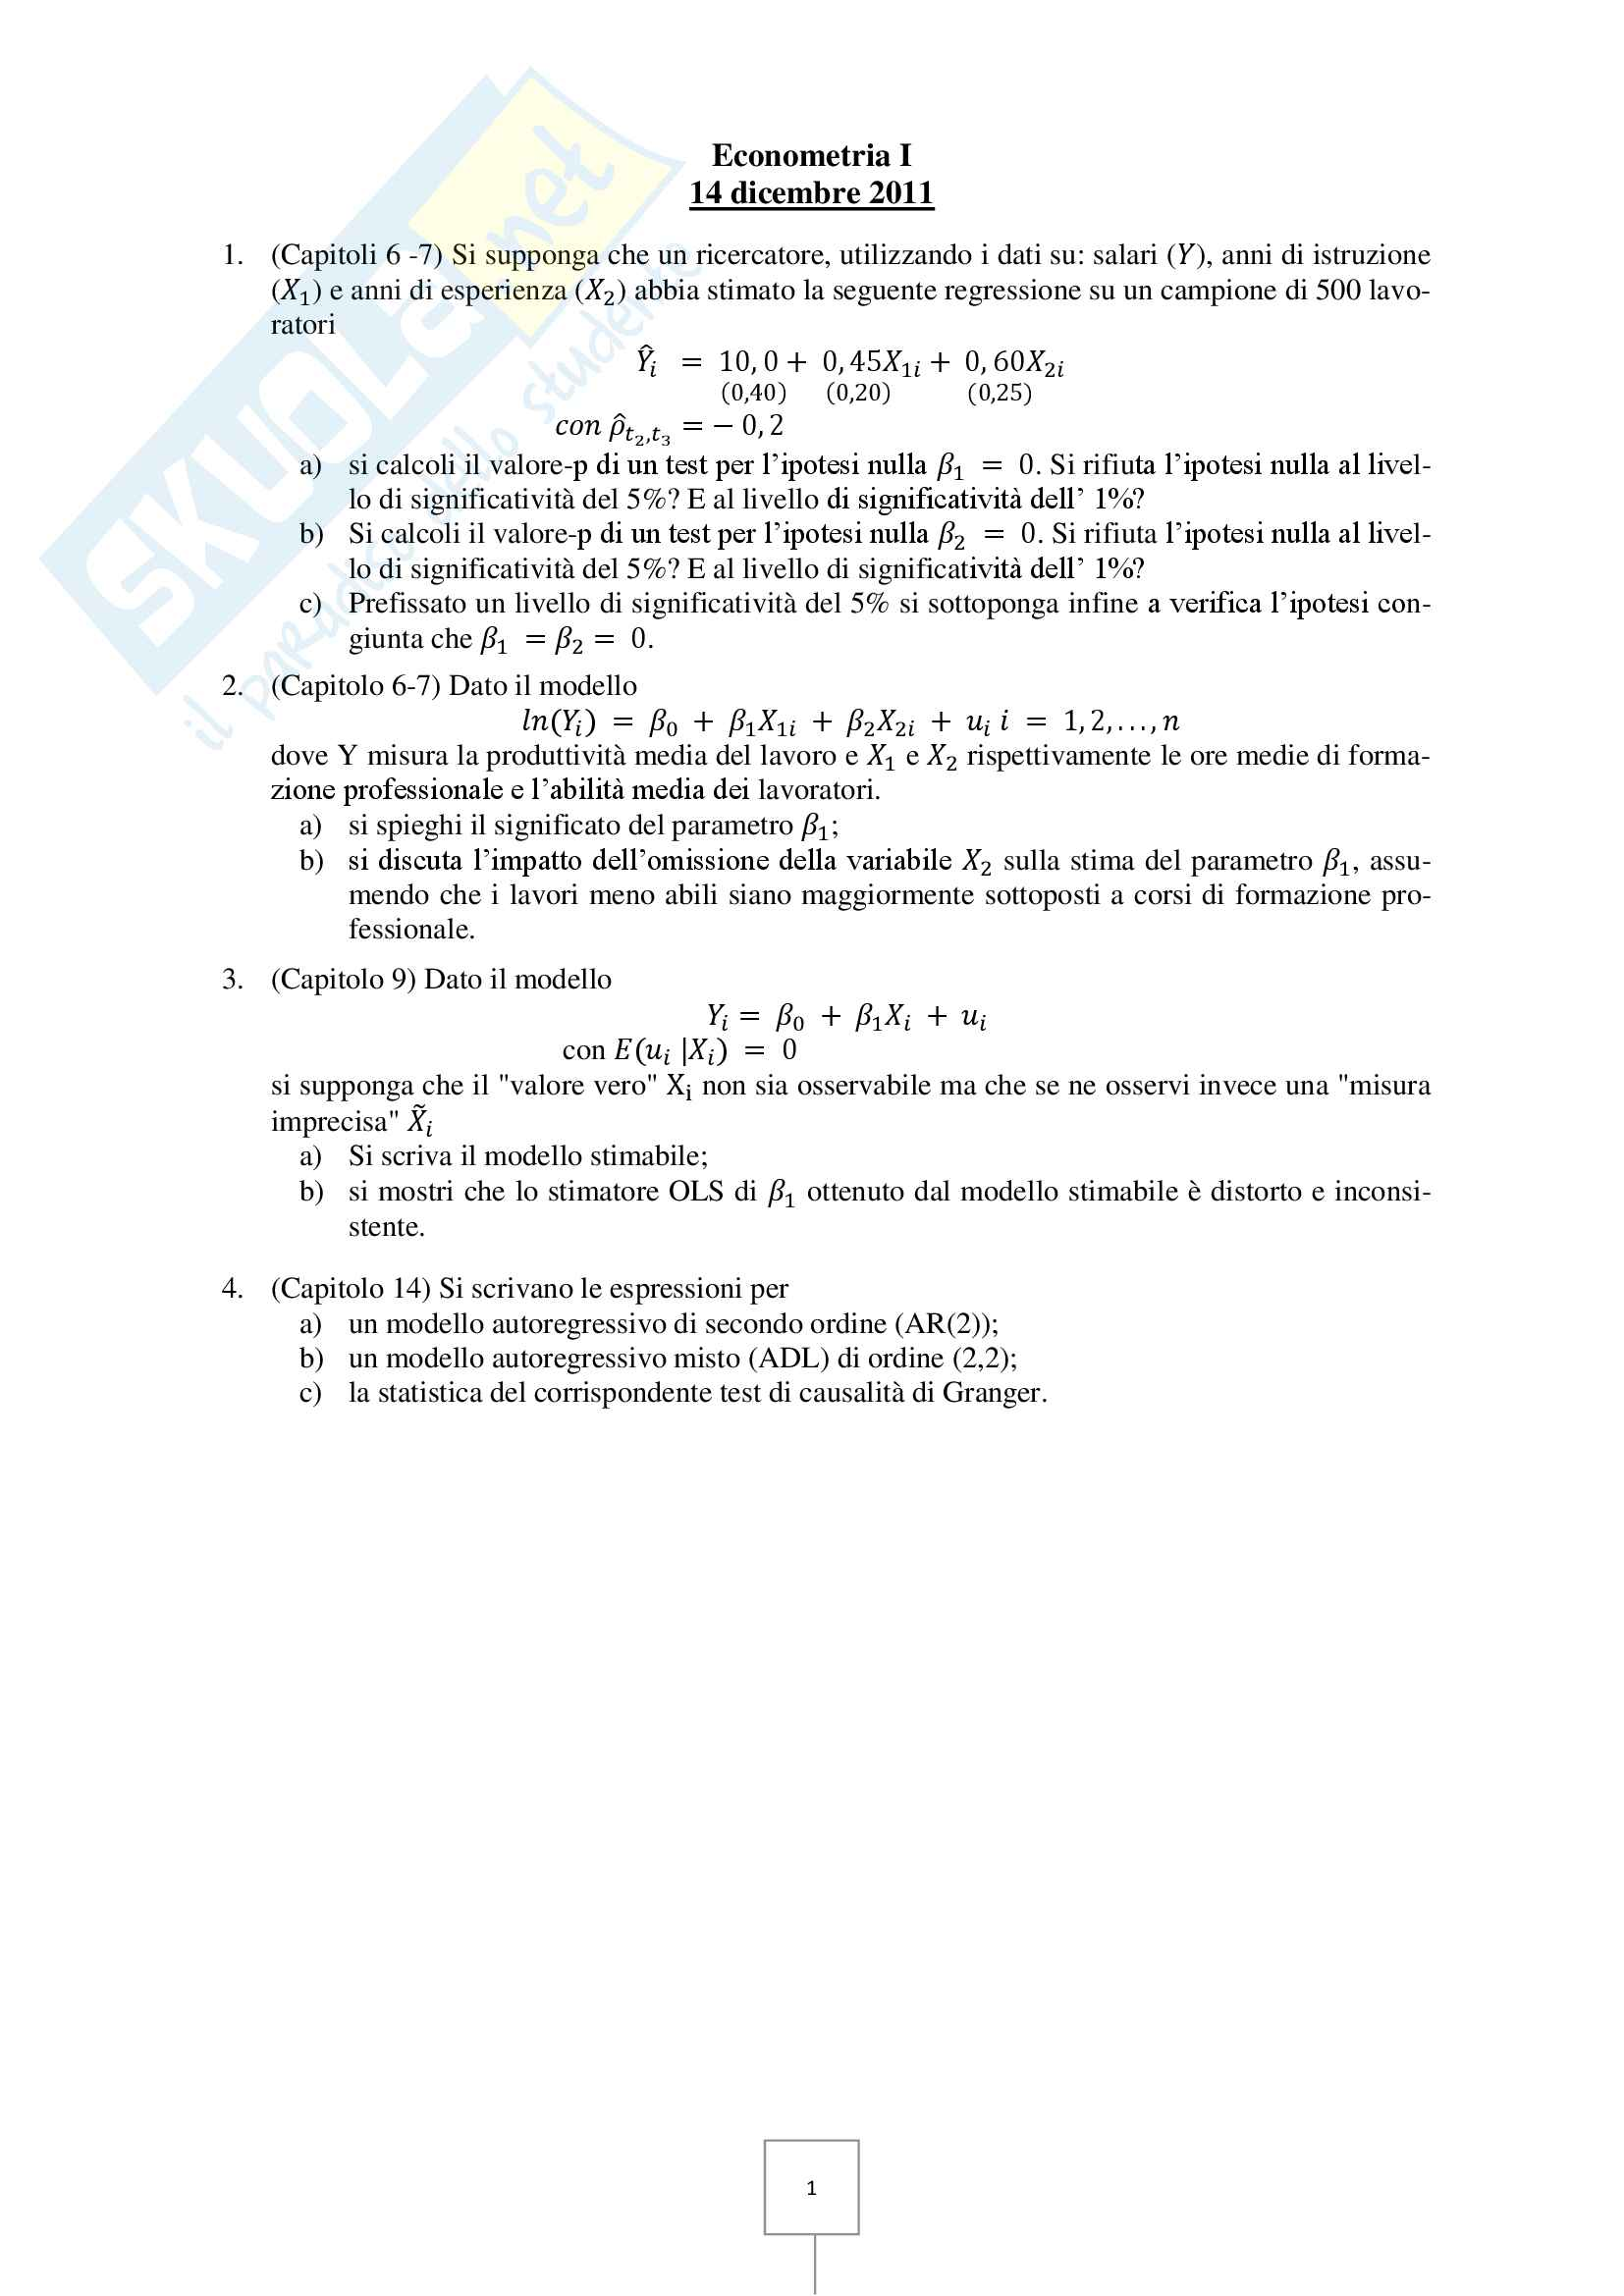 Econometria - Prove d'esame risolte